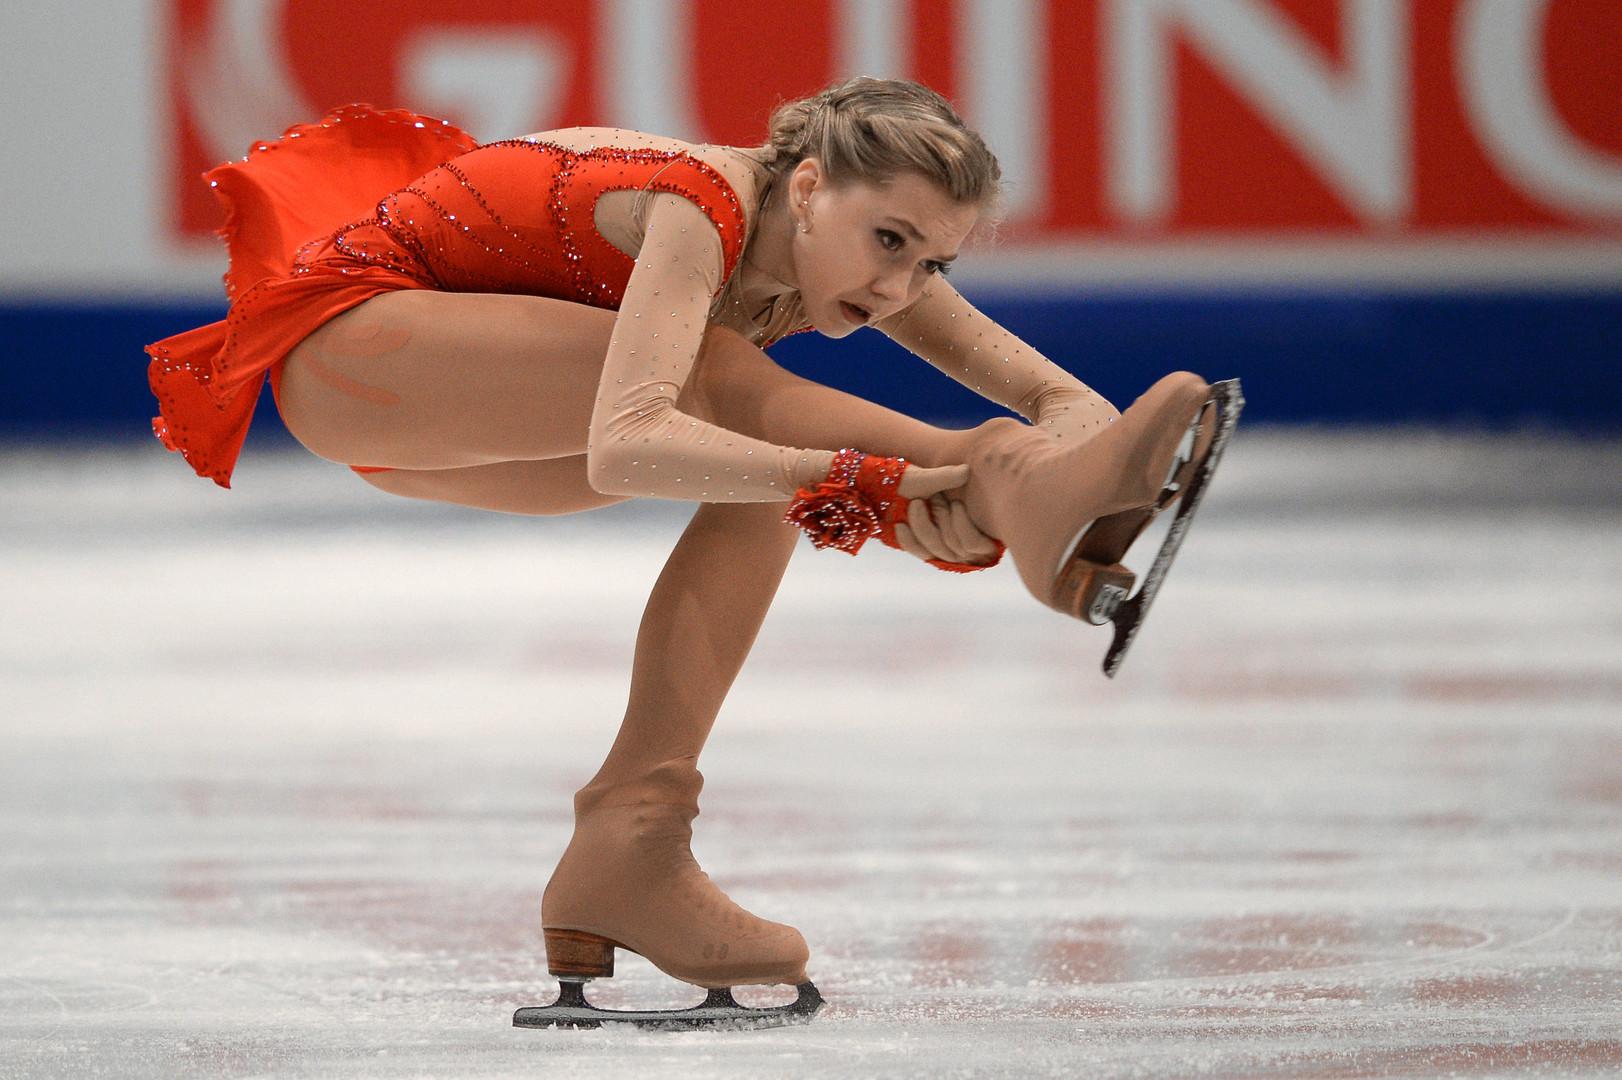 بالصور .. روسيا تحتكر منصة التتويج في بطولة أوروبا للتزحلق الفني على الجليد